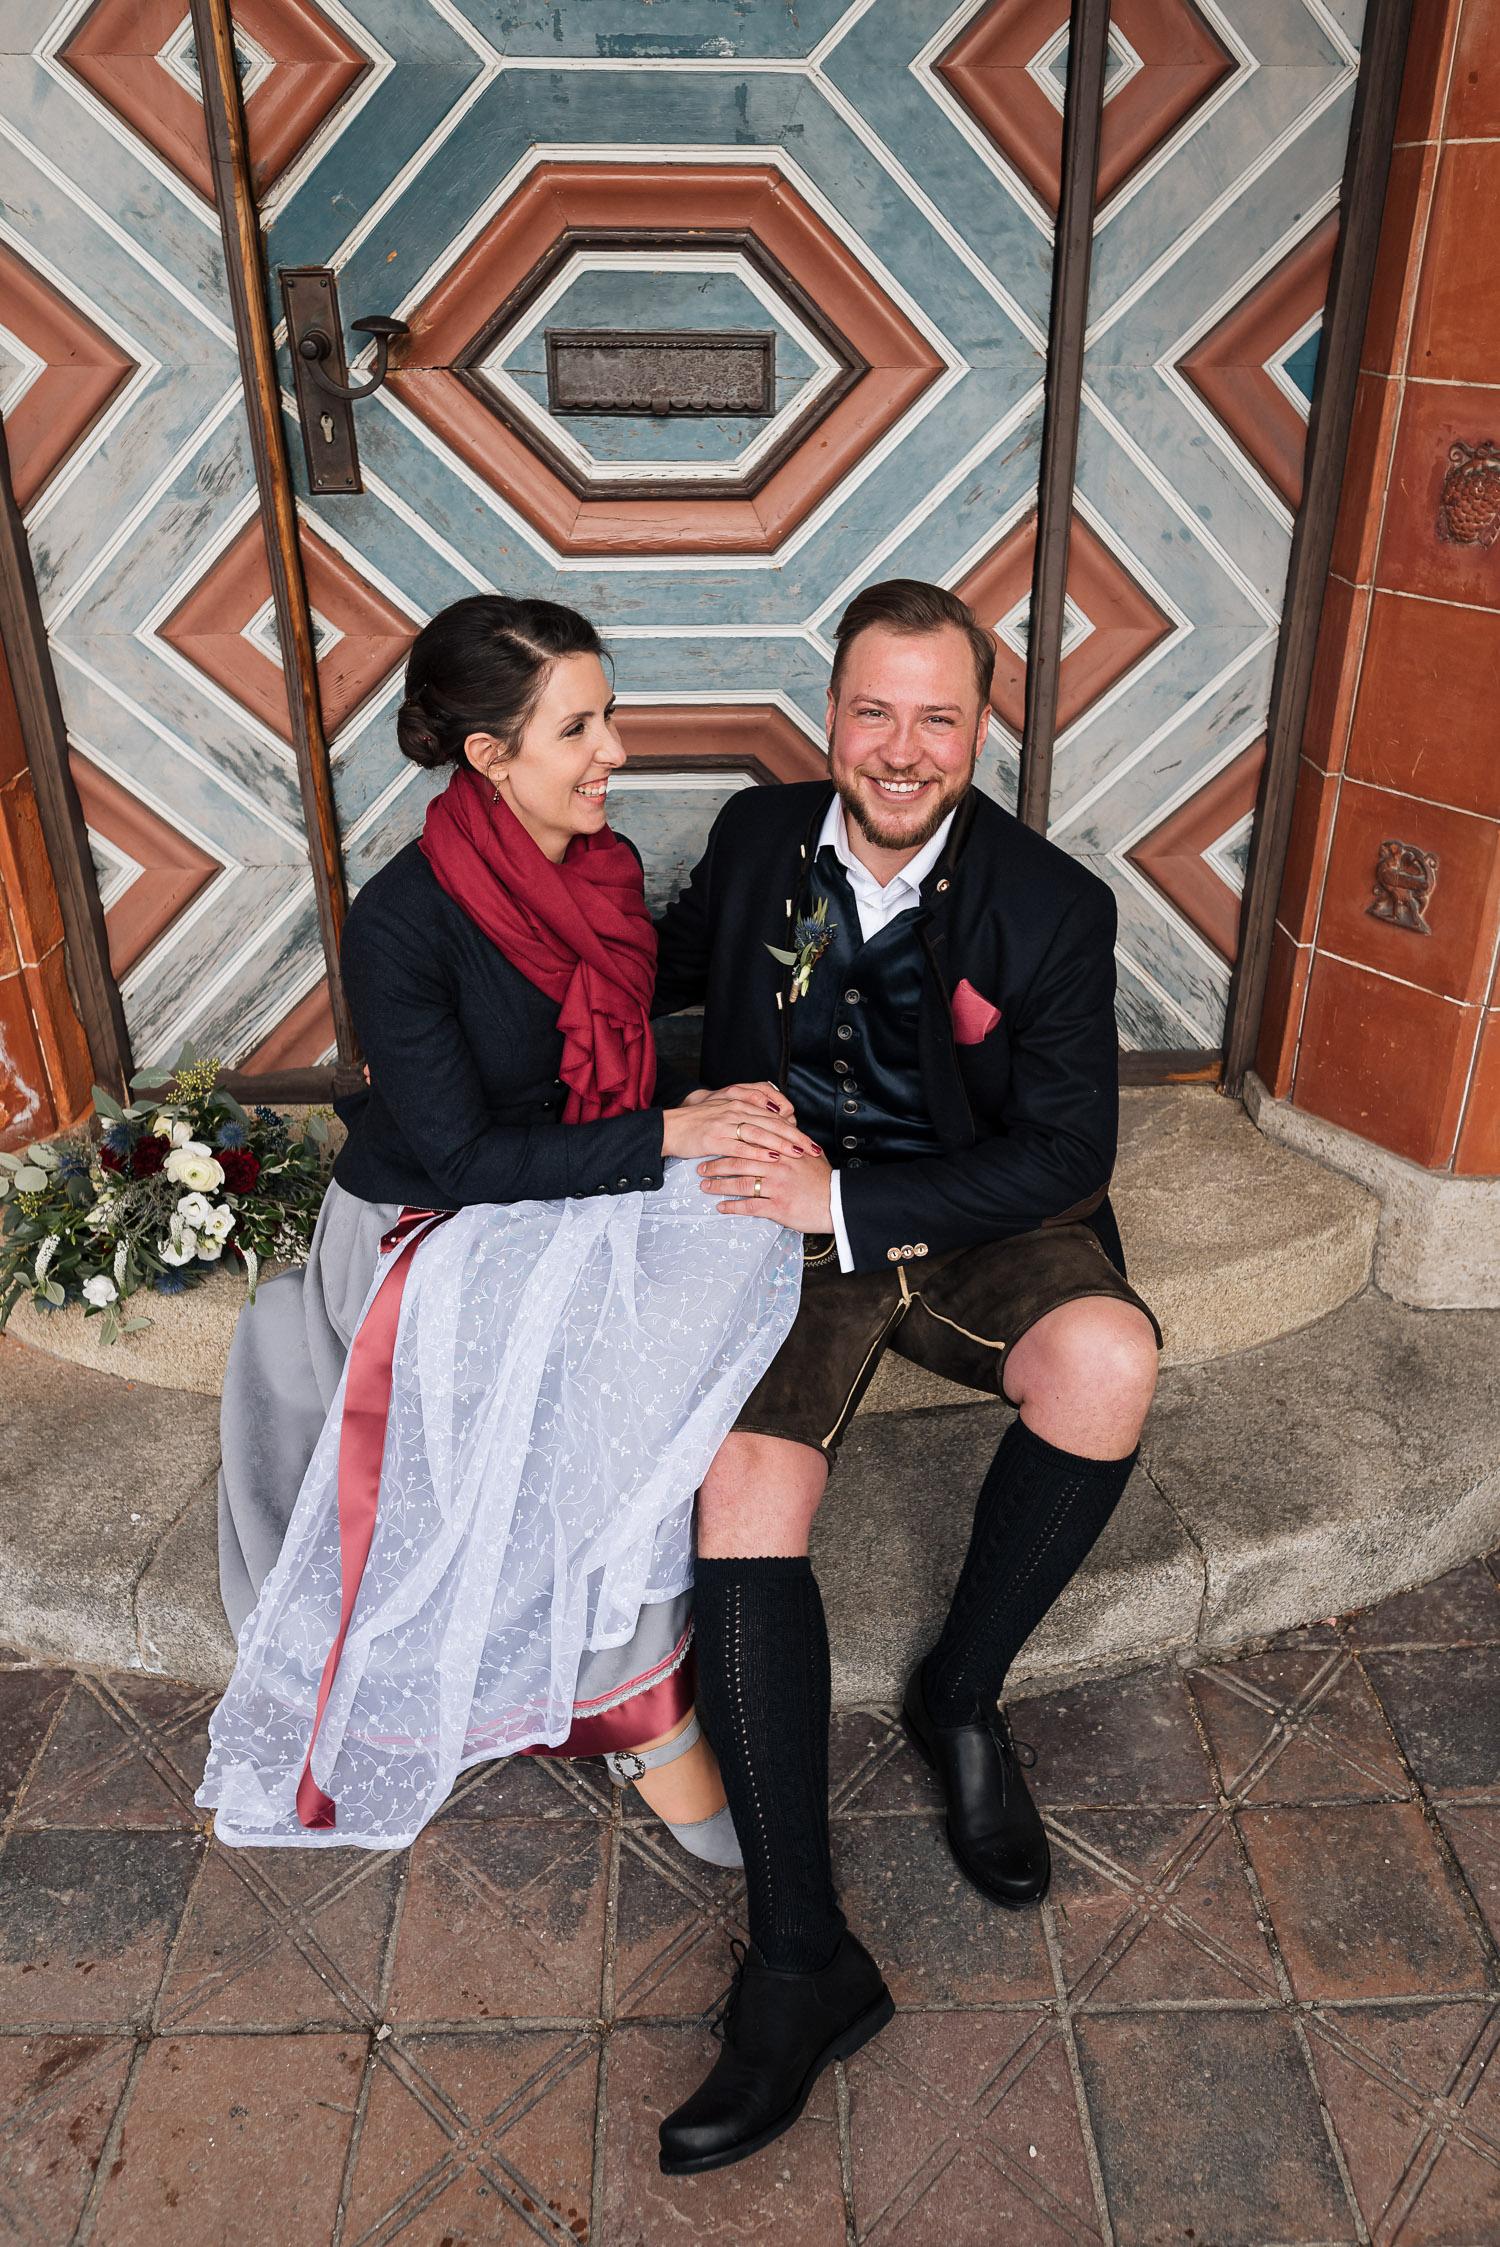 Hochzeitsfotos-Winter-Schliersee-35 - (C) Lichtmädchen Fotografie Nicki Schäfer